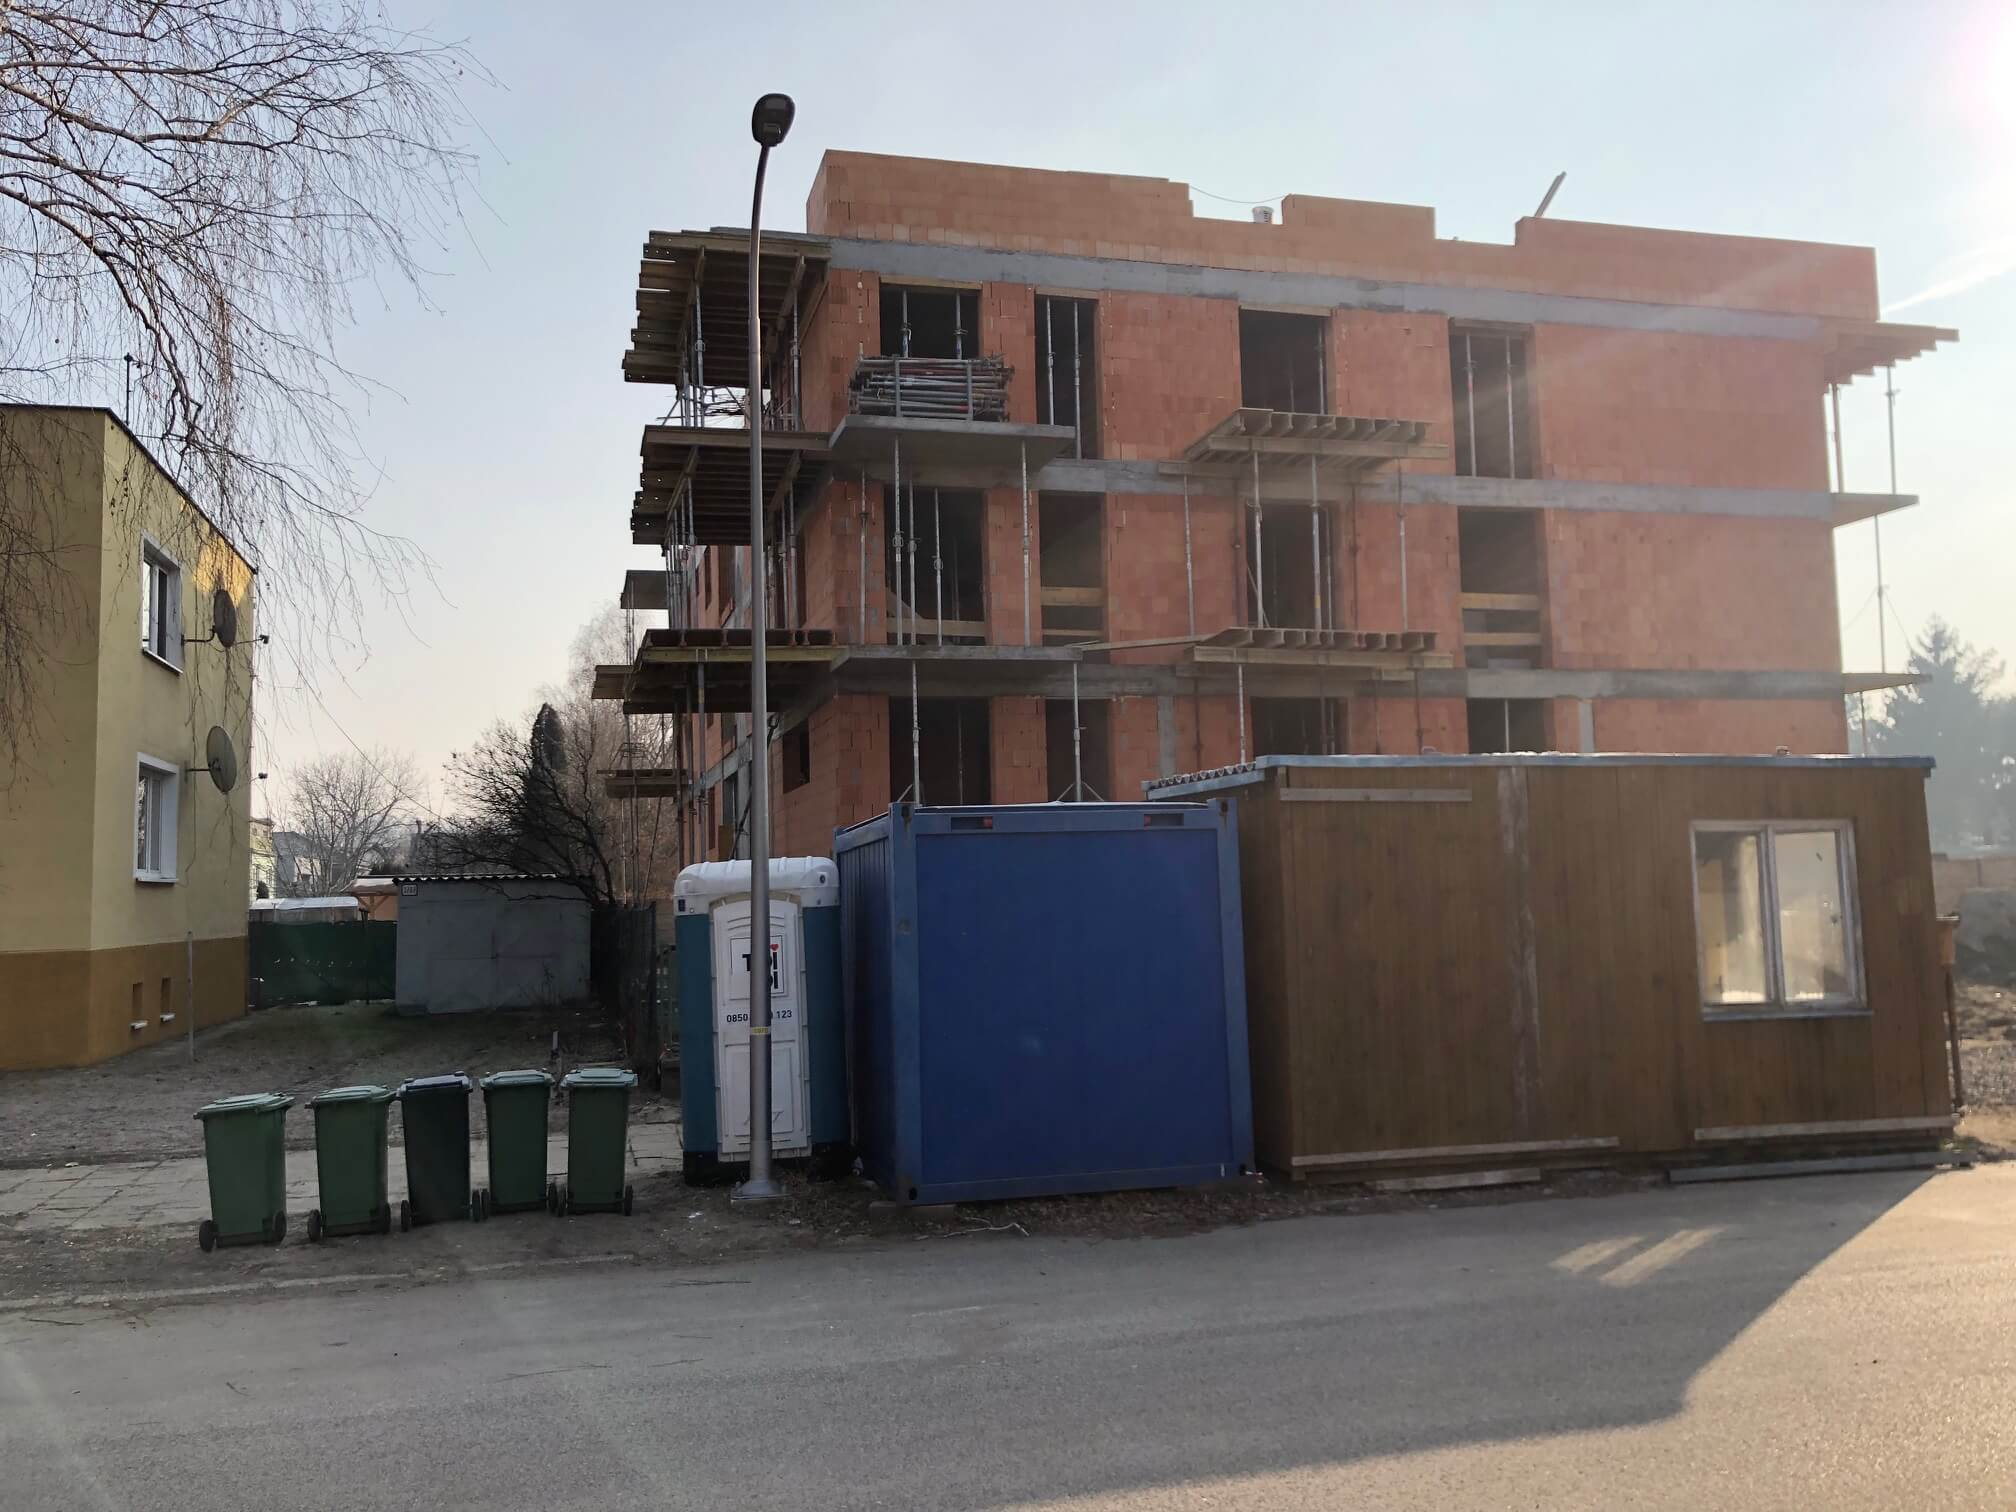 NOVOSTAVBA Apartmán 2 IZBOVÝ, na dvoch podlažiach, M-HOUSE, MALACKY CENTRUM, 58,89M2-23